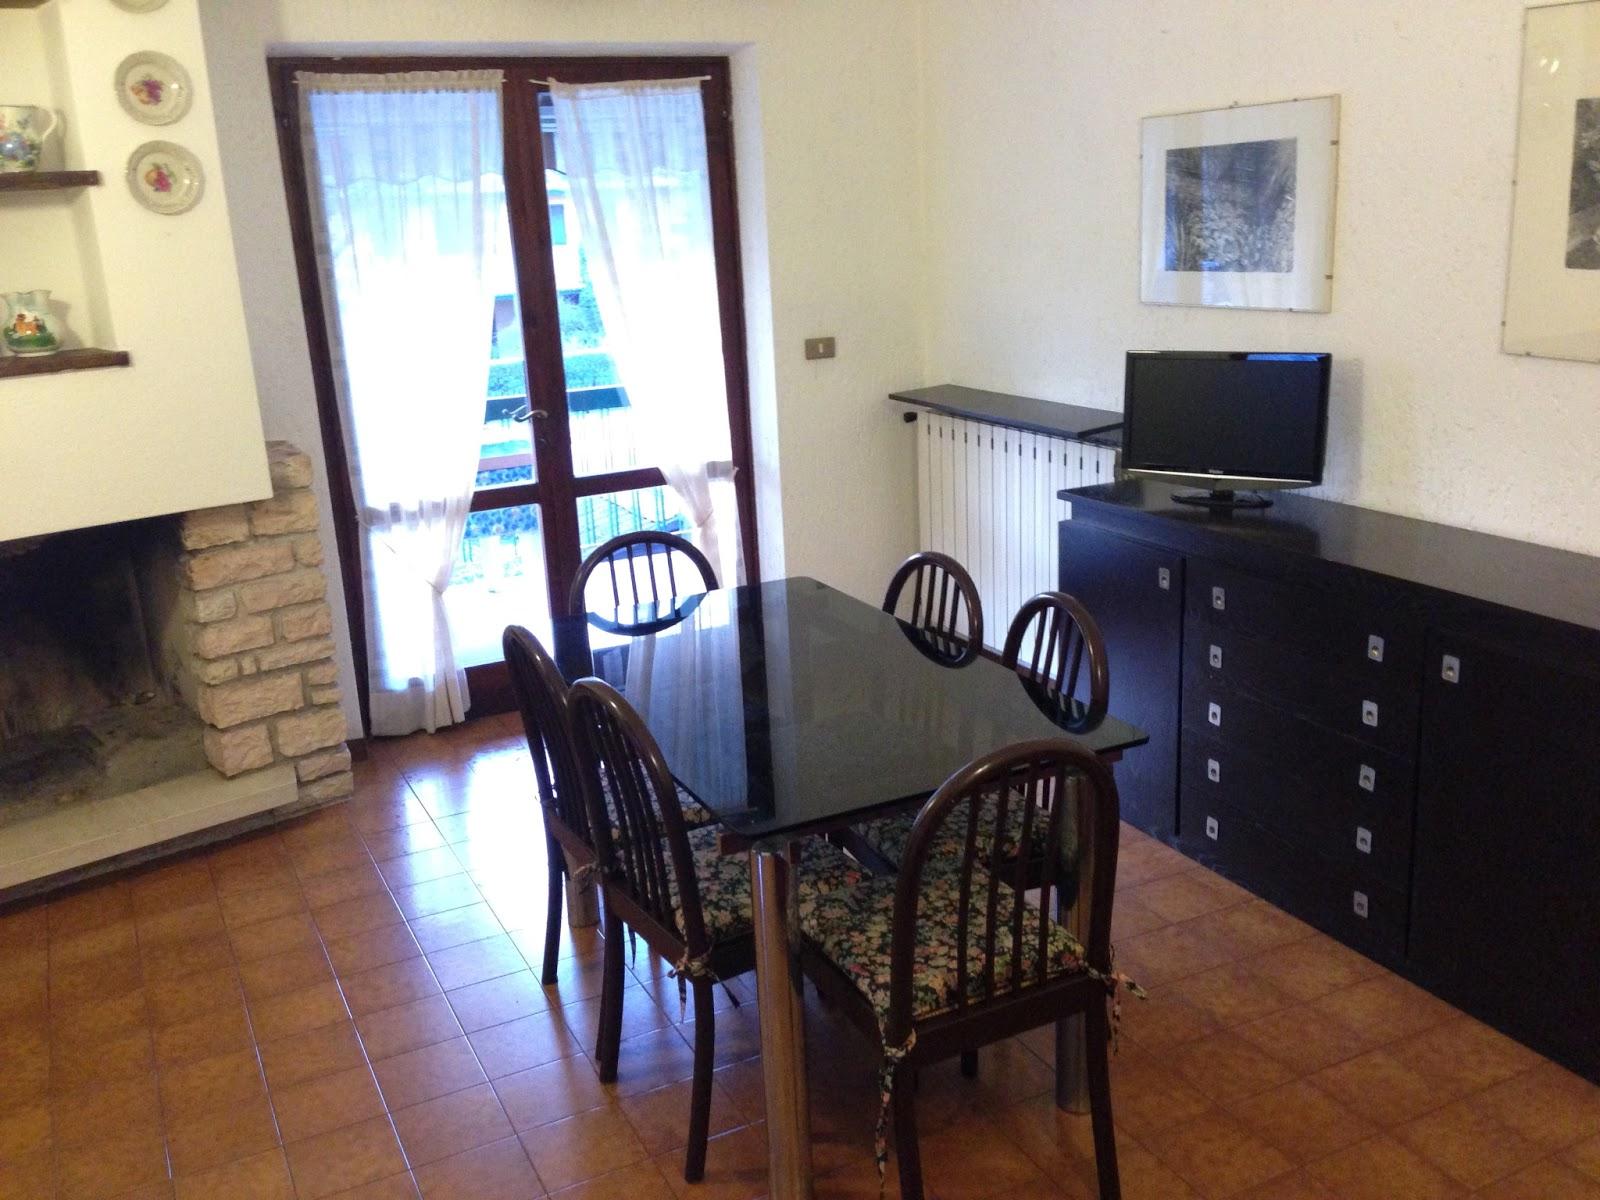 Casa vacanze in affitto a sirmione lago di garda: appartamento ...